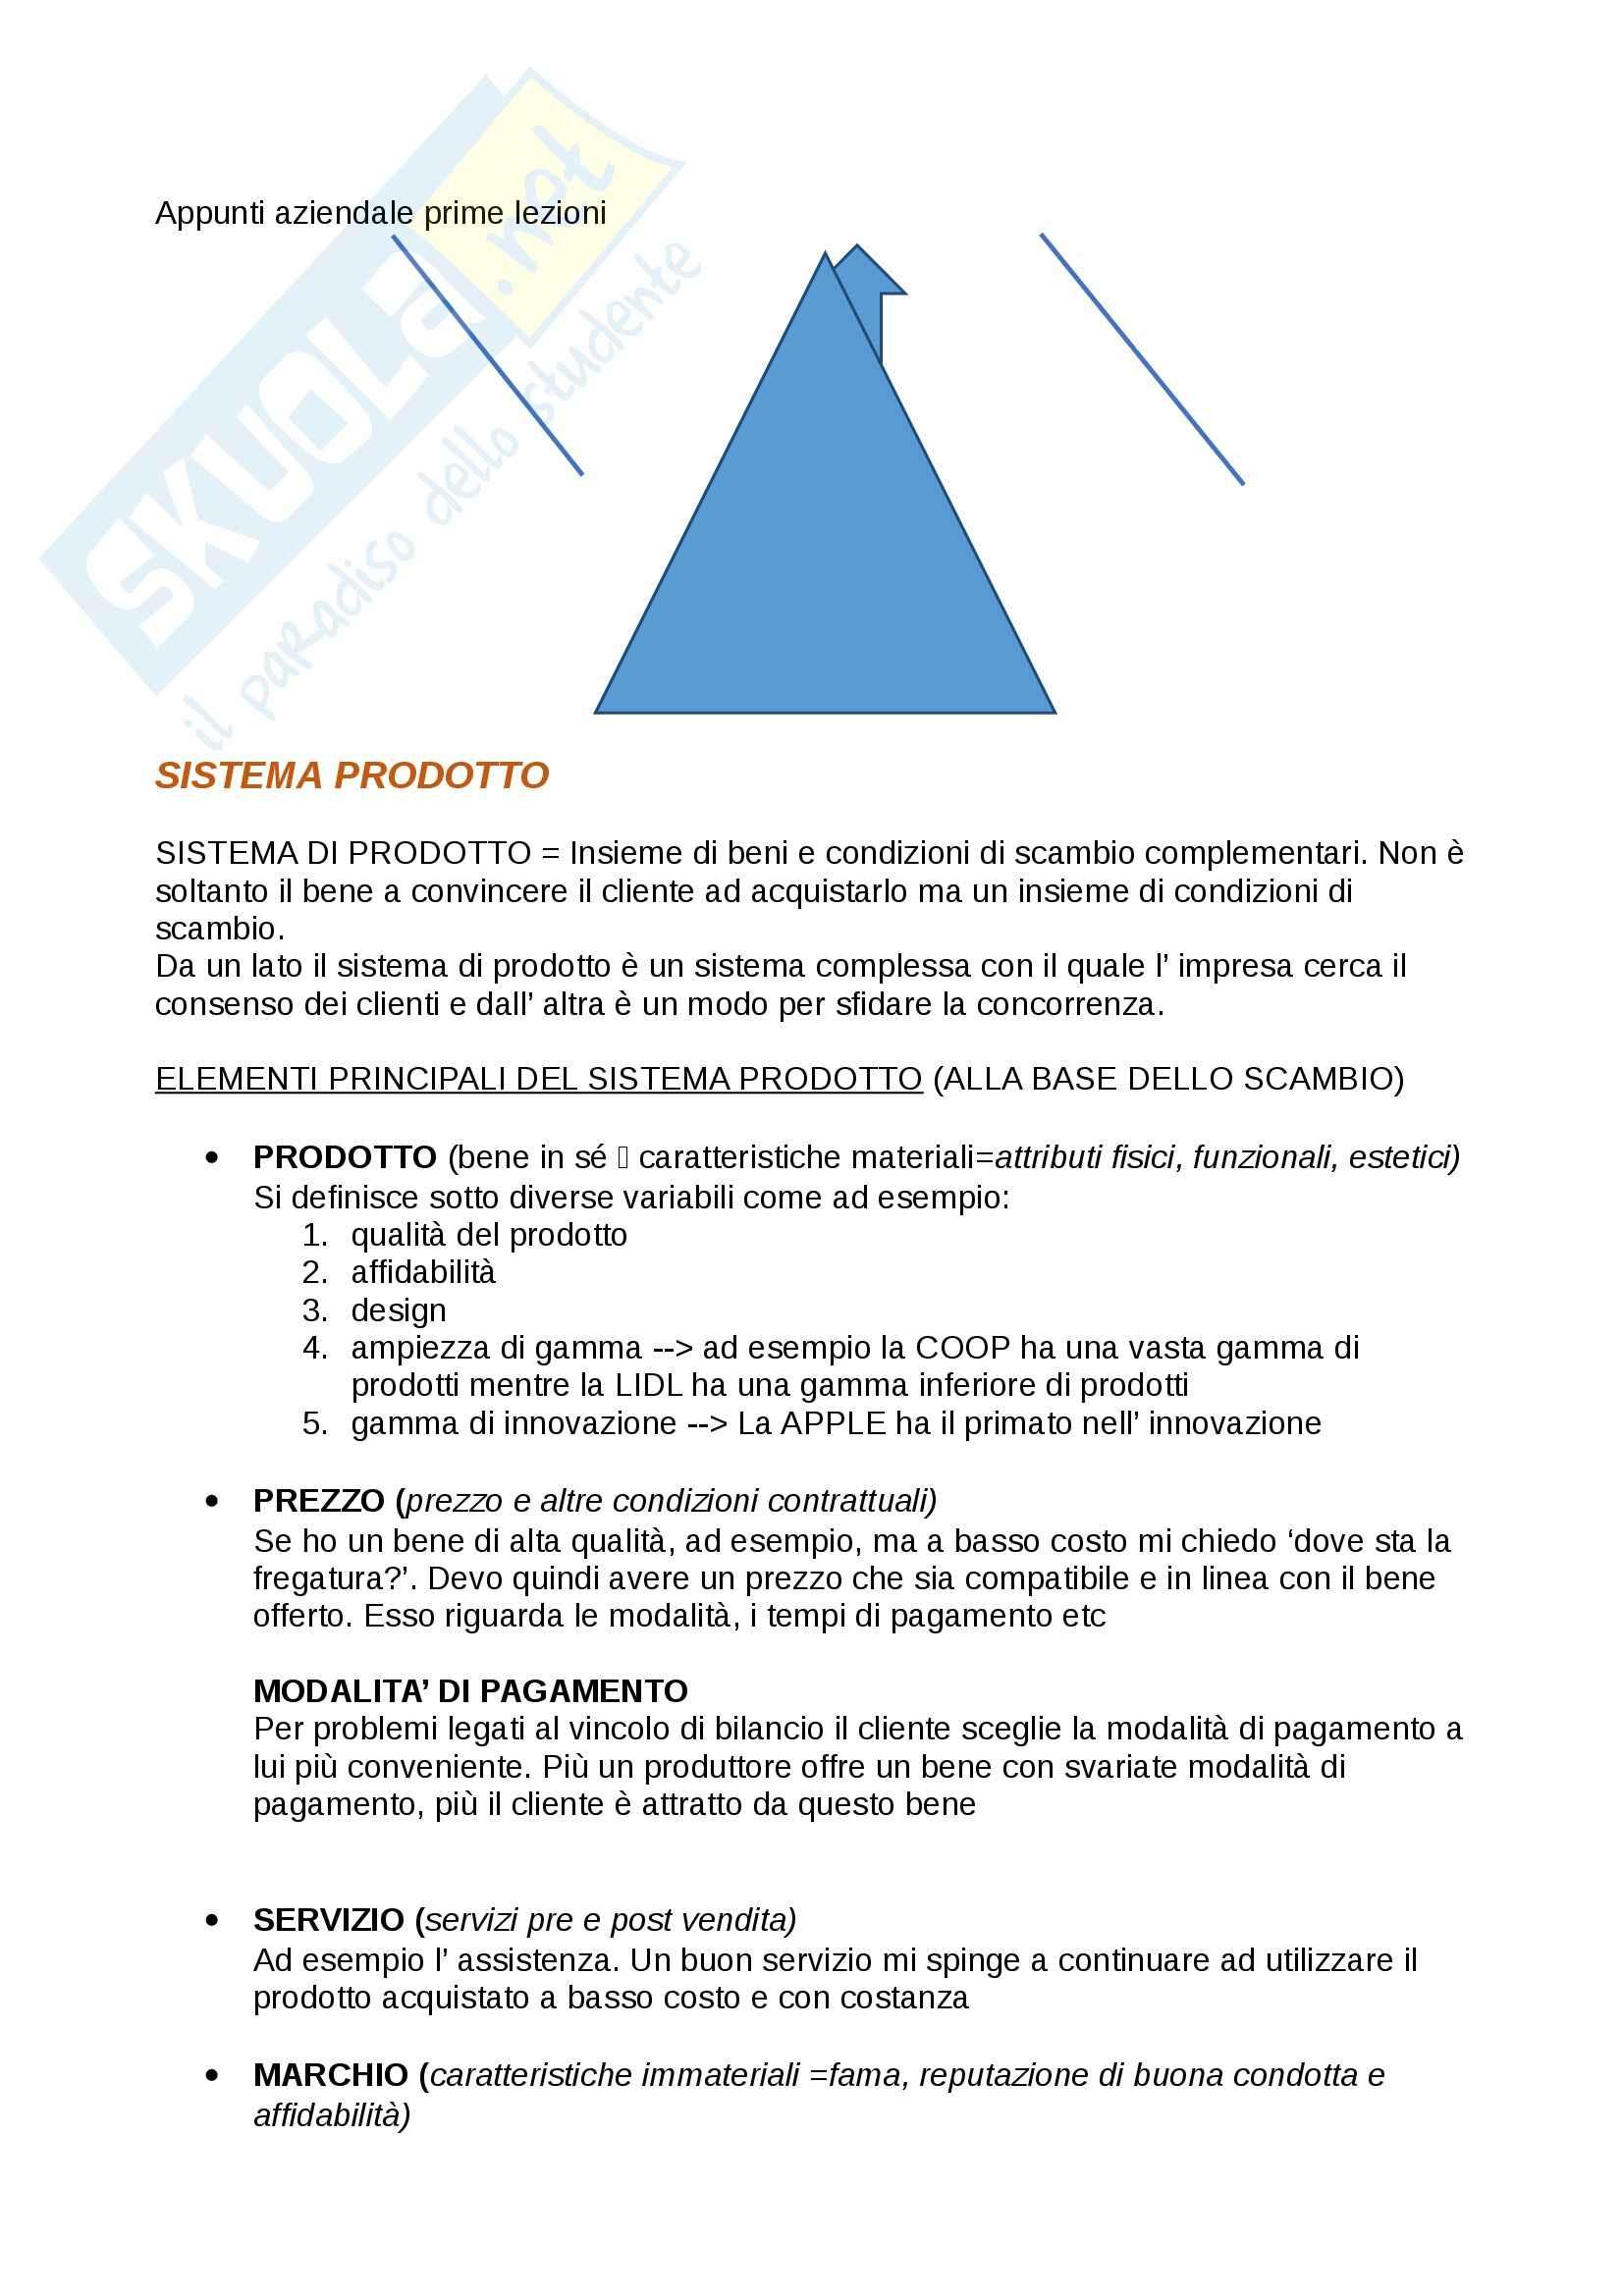 Sistema prodotto e formula competitiva, Economia aziendale